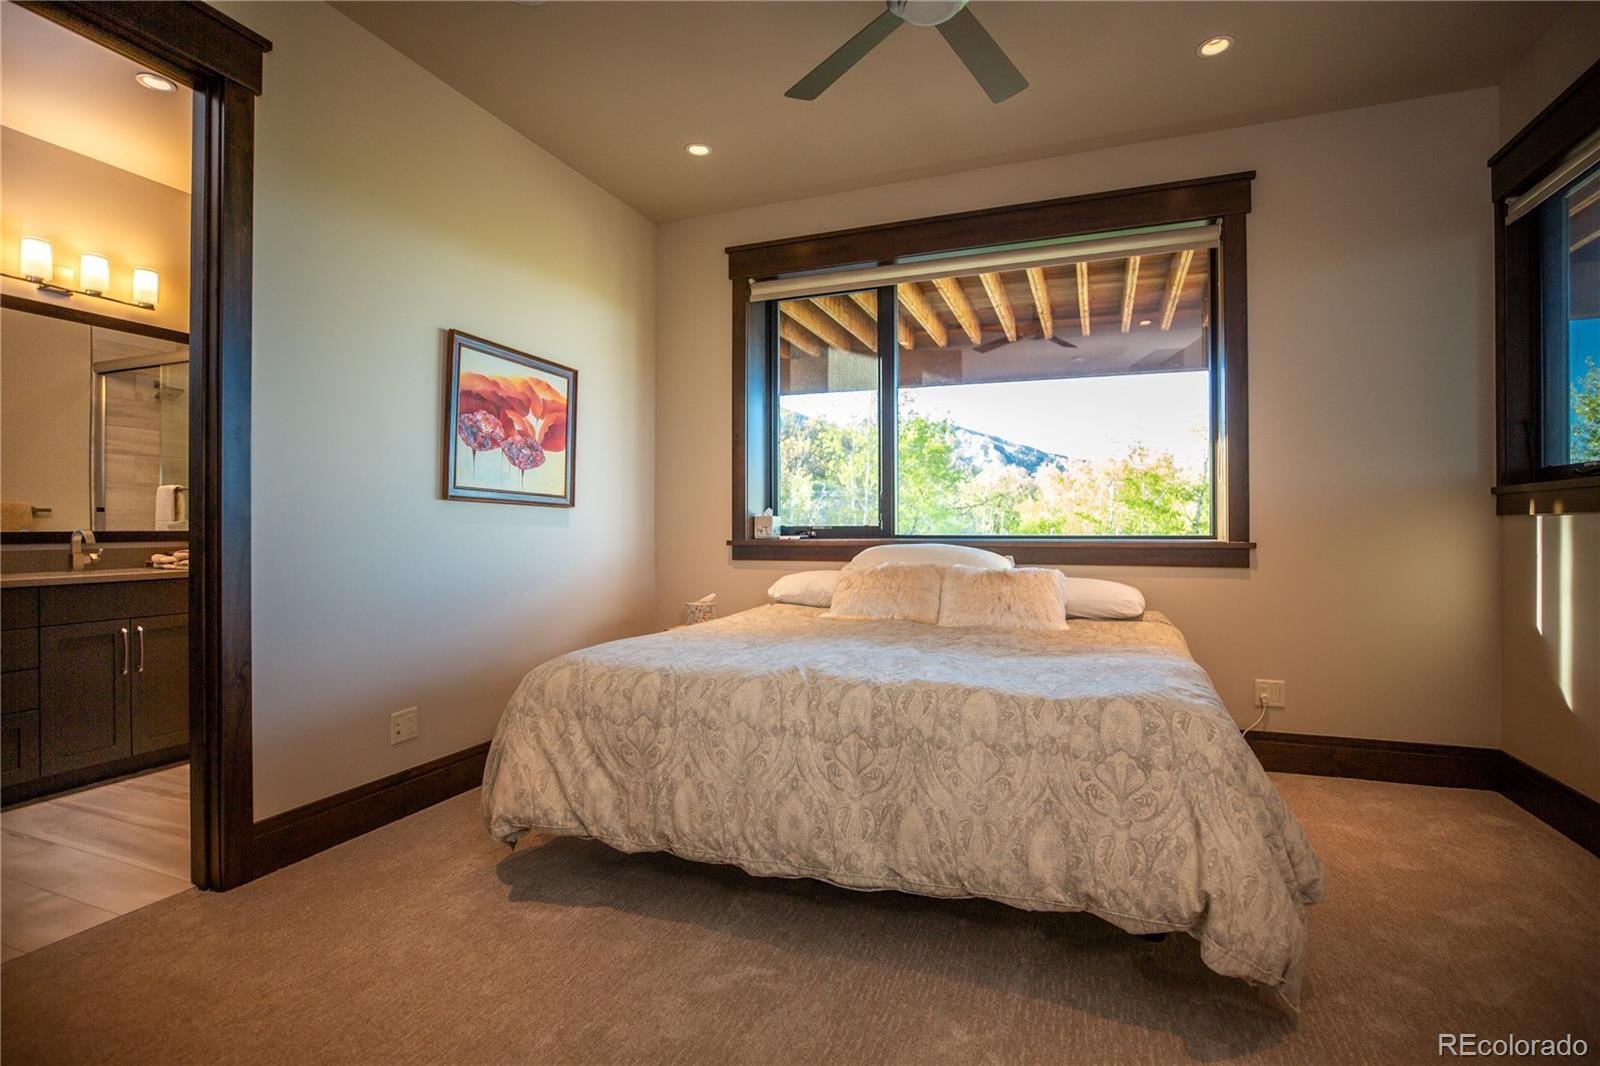 MLS# 5306672 - 34 - 145 Deer Clover Lane, Steamboat Springs, CO 80487